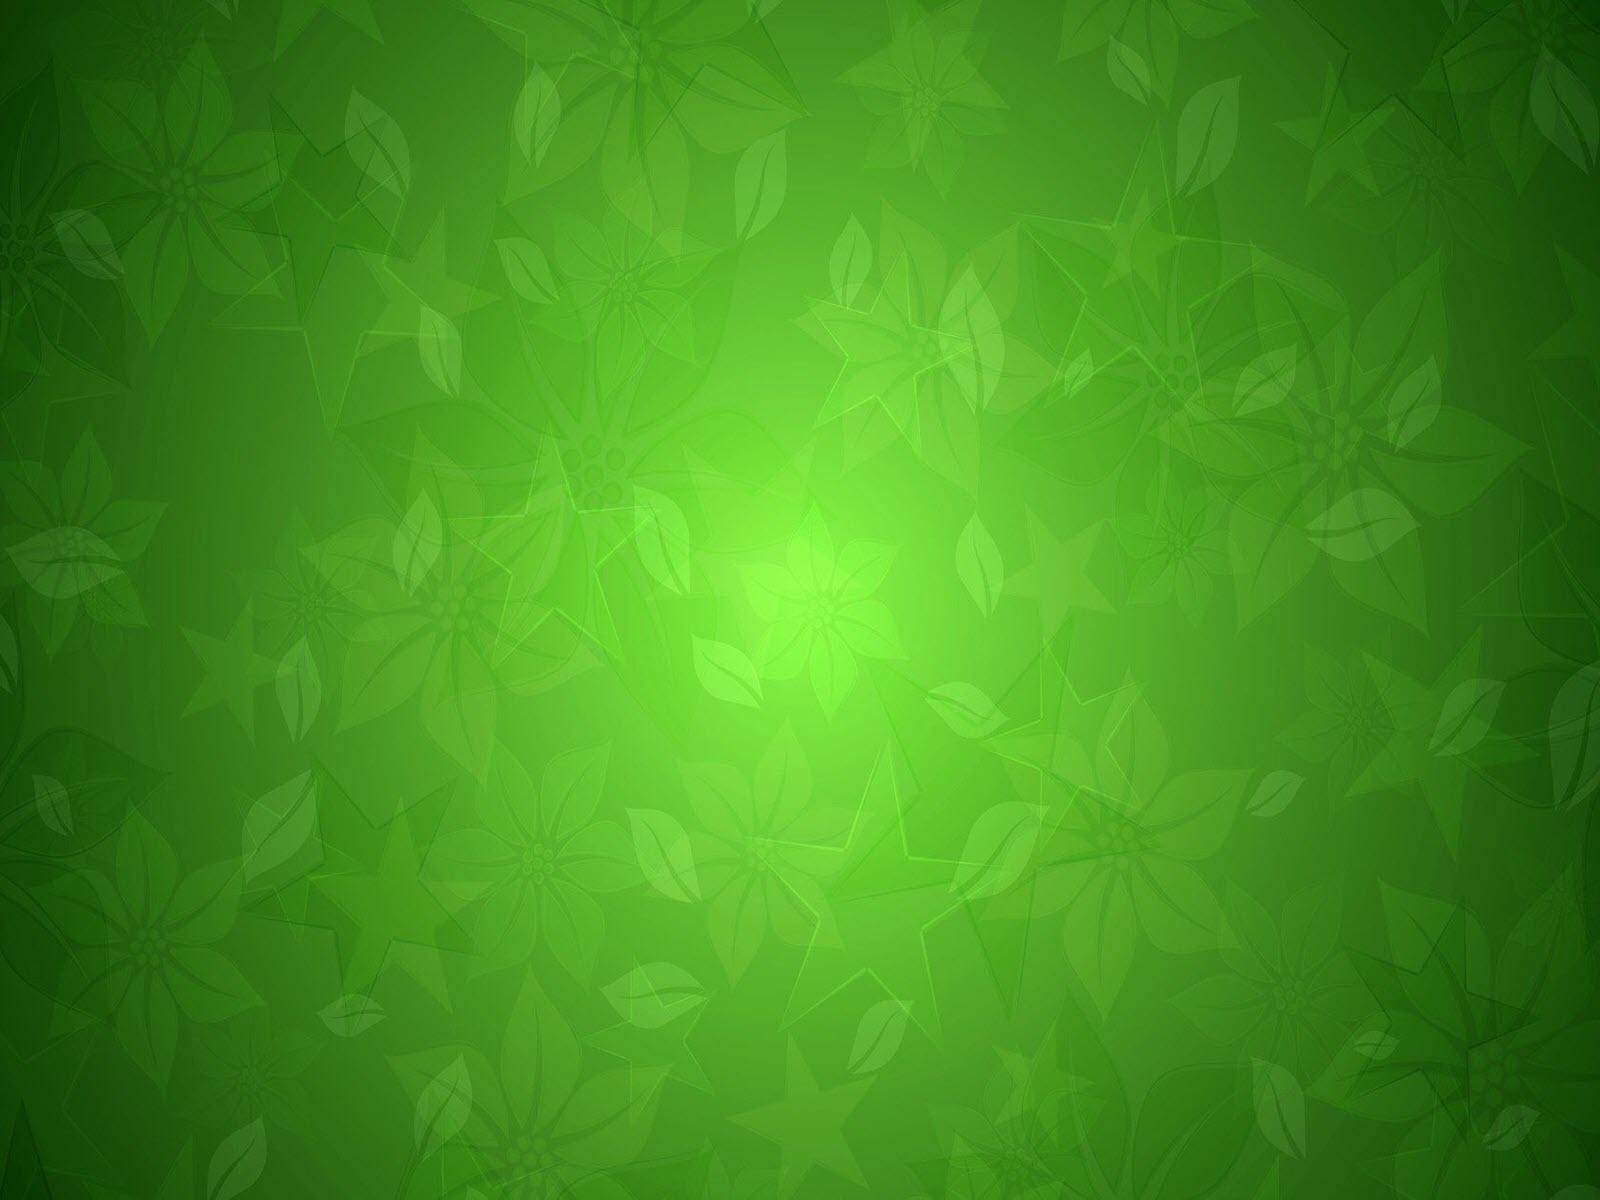 Ảnh nền power point xanh lá cây đẹp